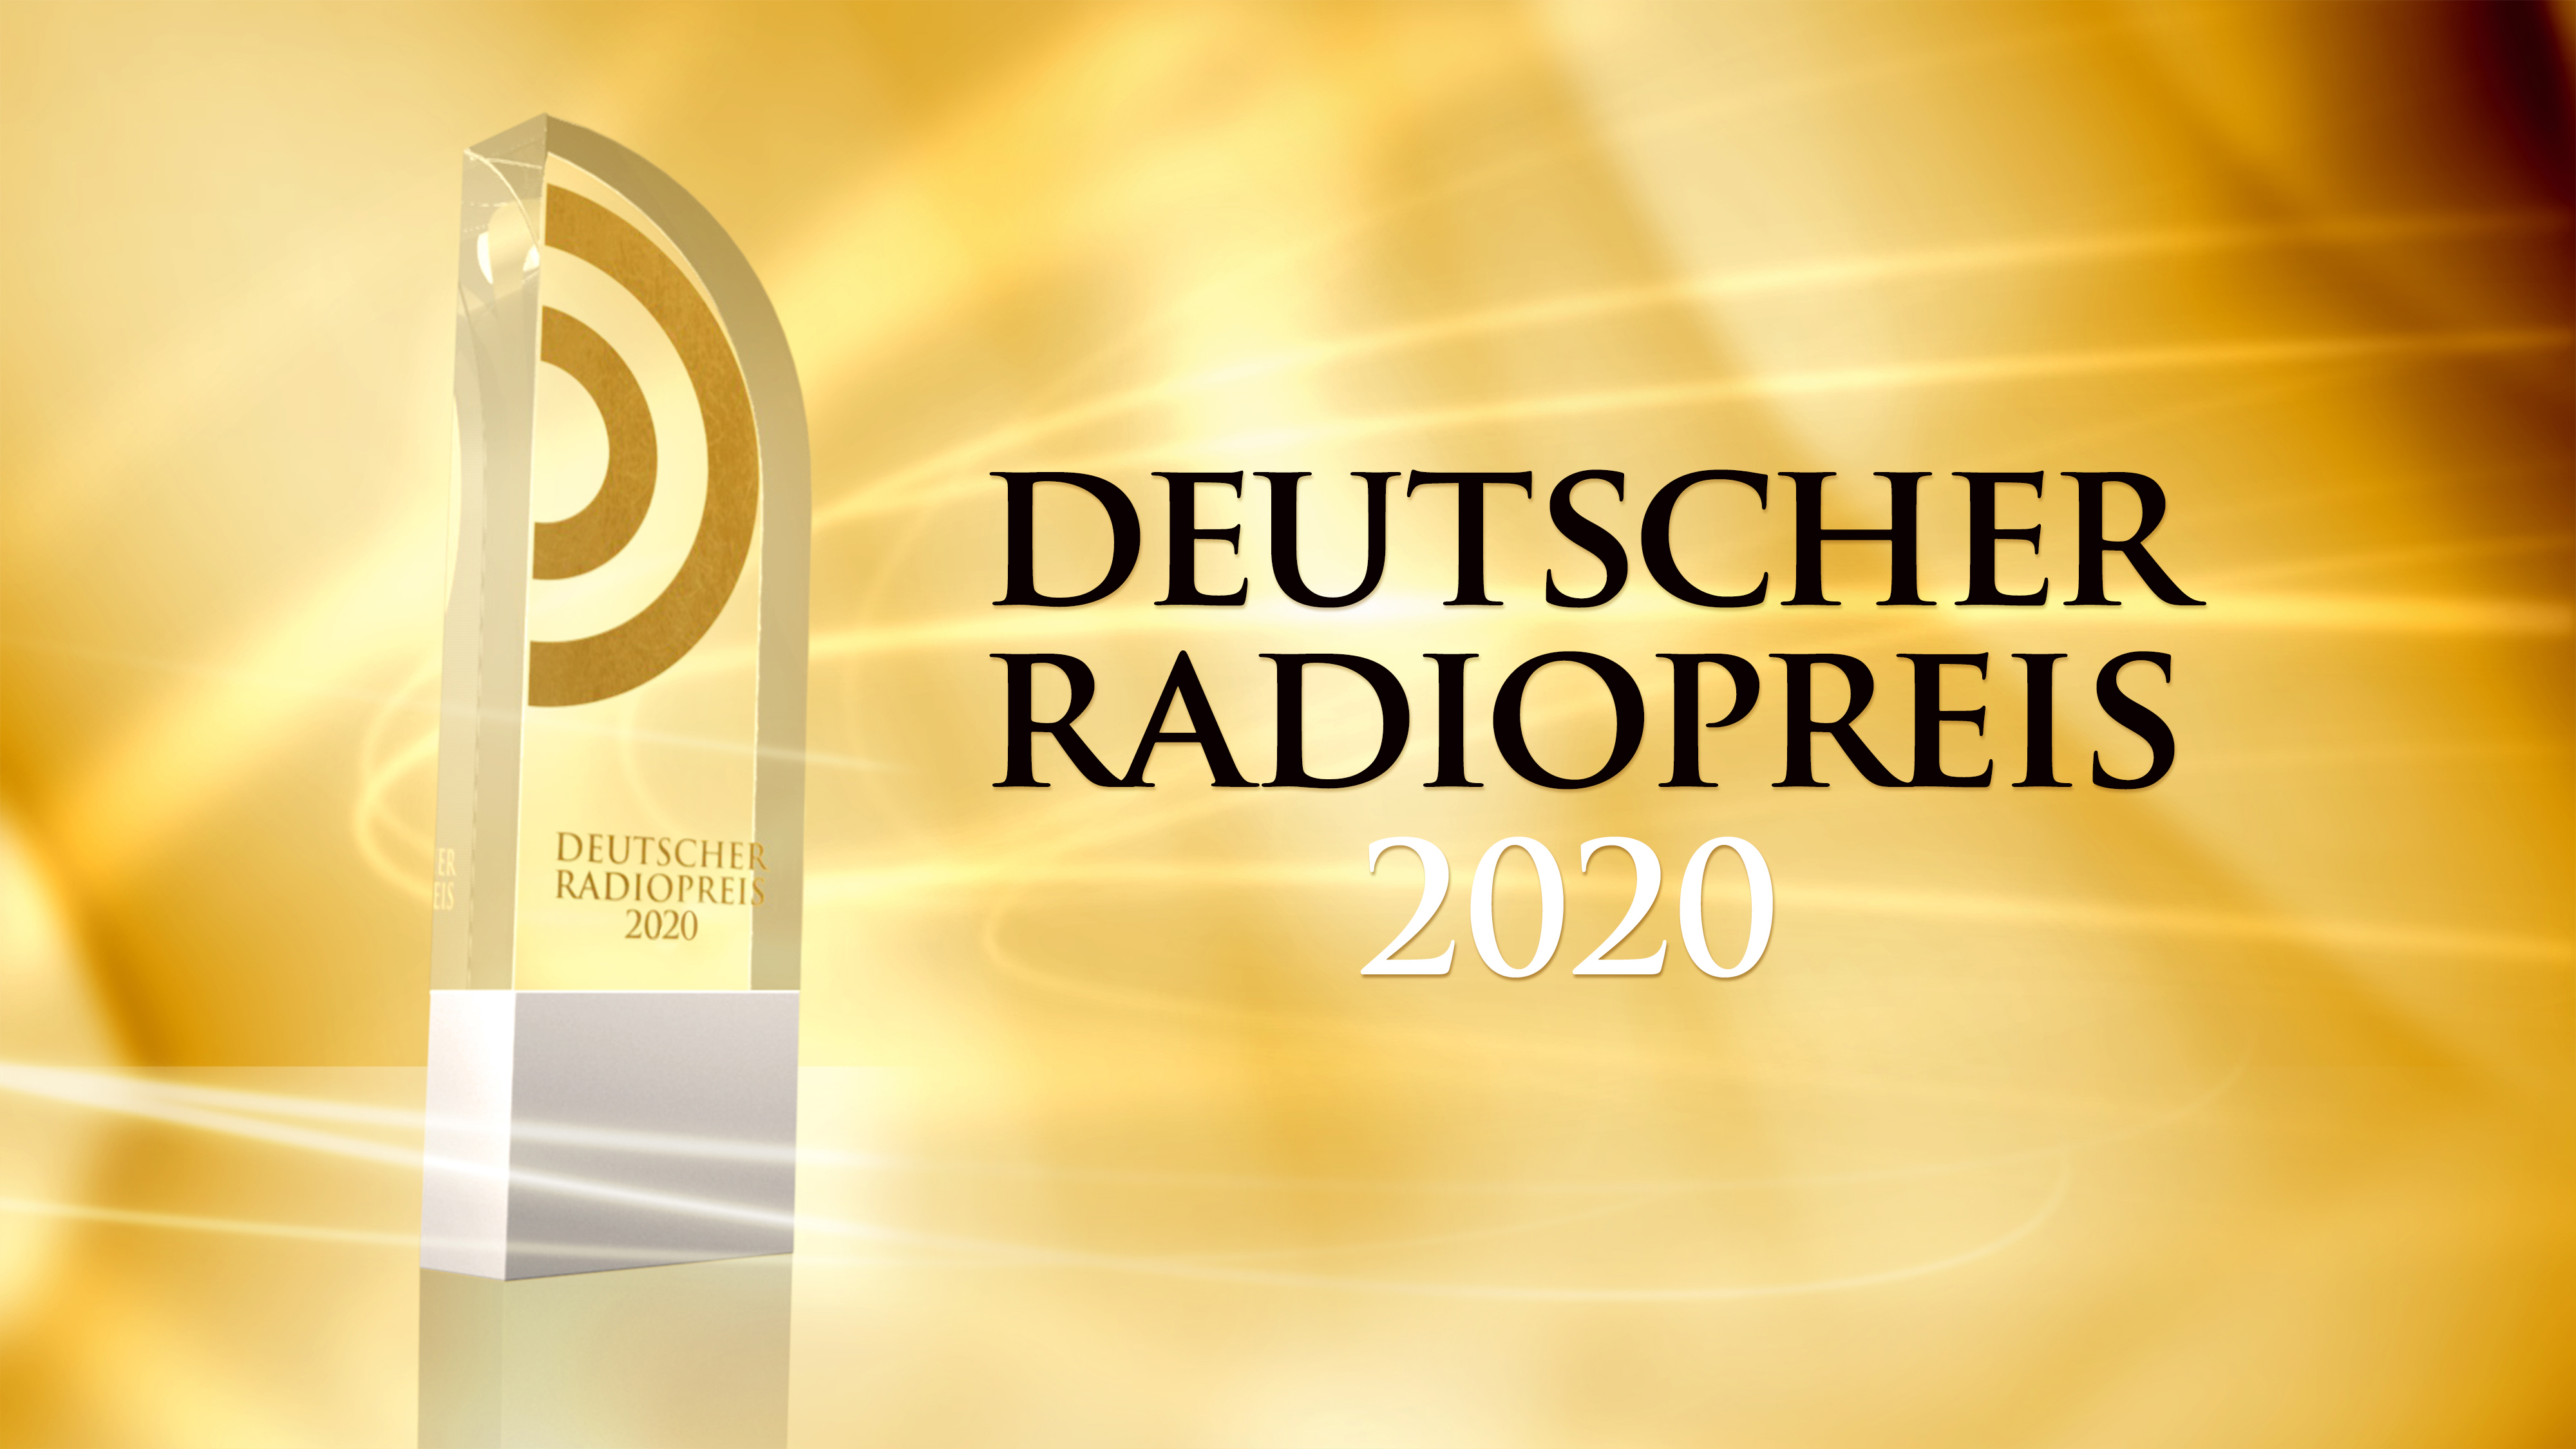 Deutscher Radiopreis 2020